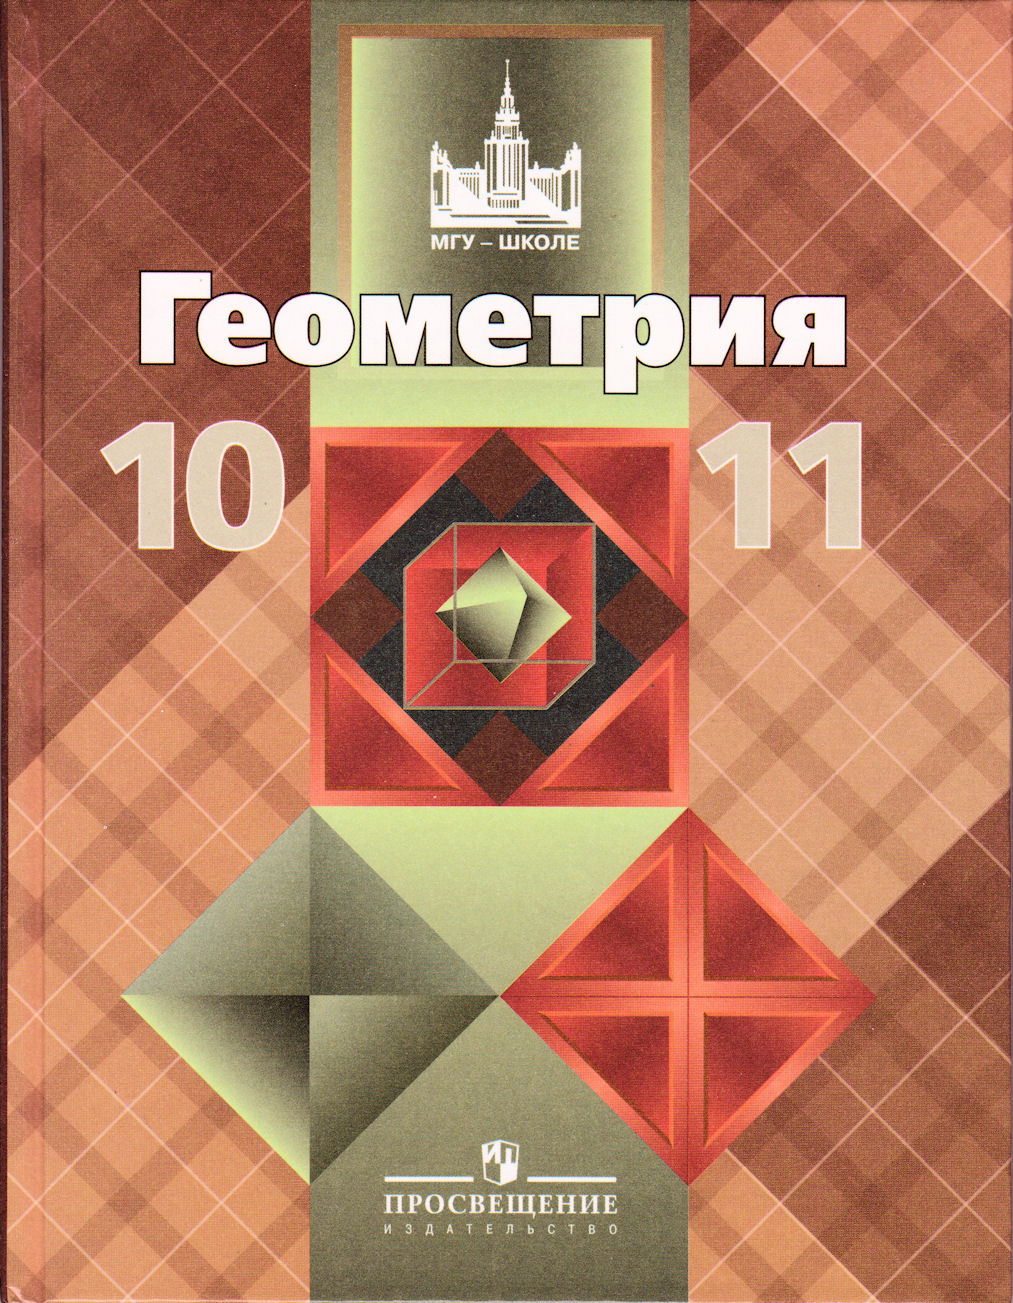 Гдз по геометрии тихонов а.н